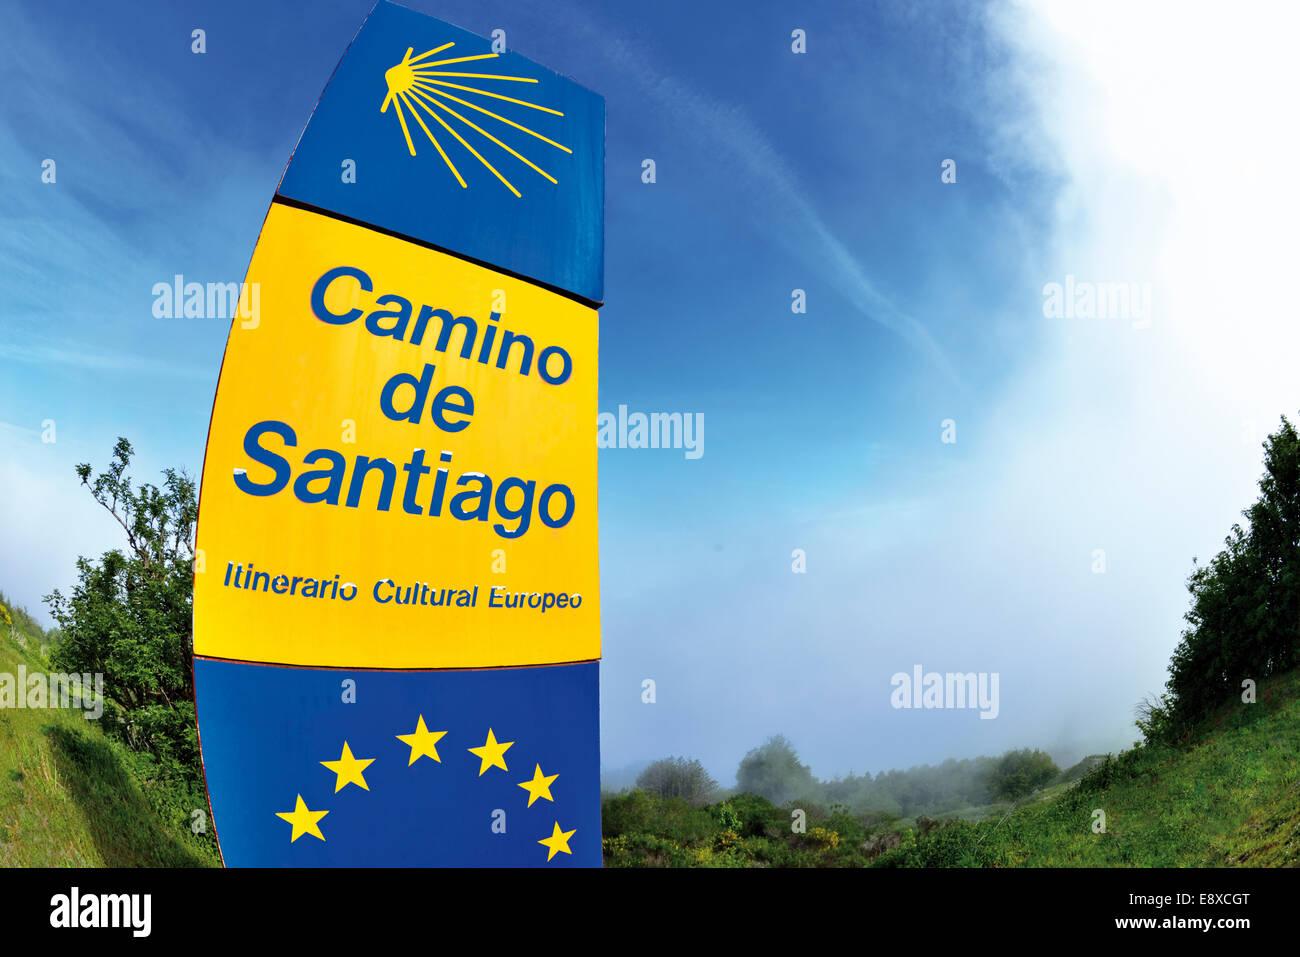 Spain, Galicia: Signal of the St. James Way Route Camino de Santiago in O Cebreiro - Stock Image